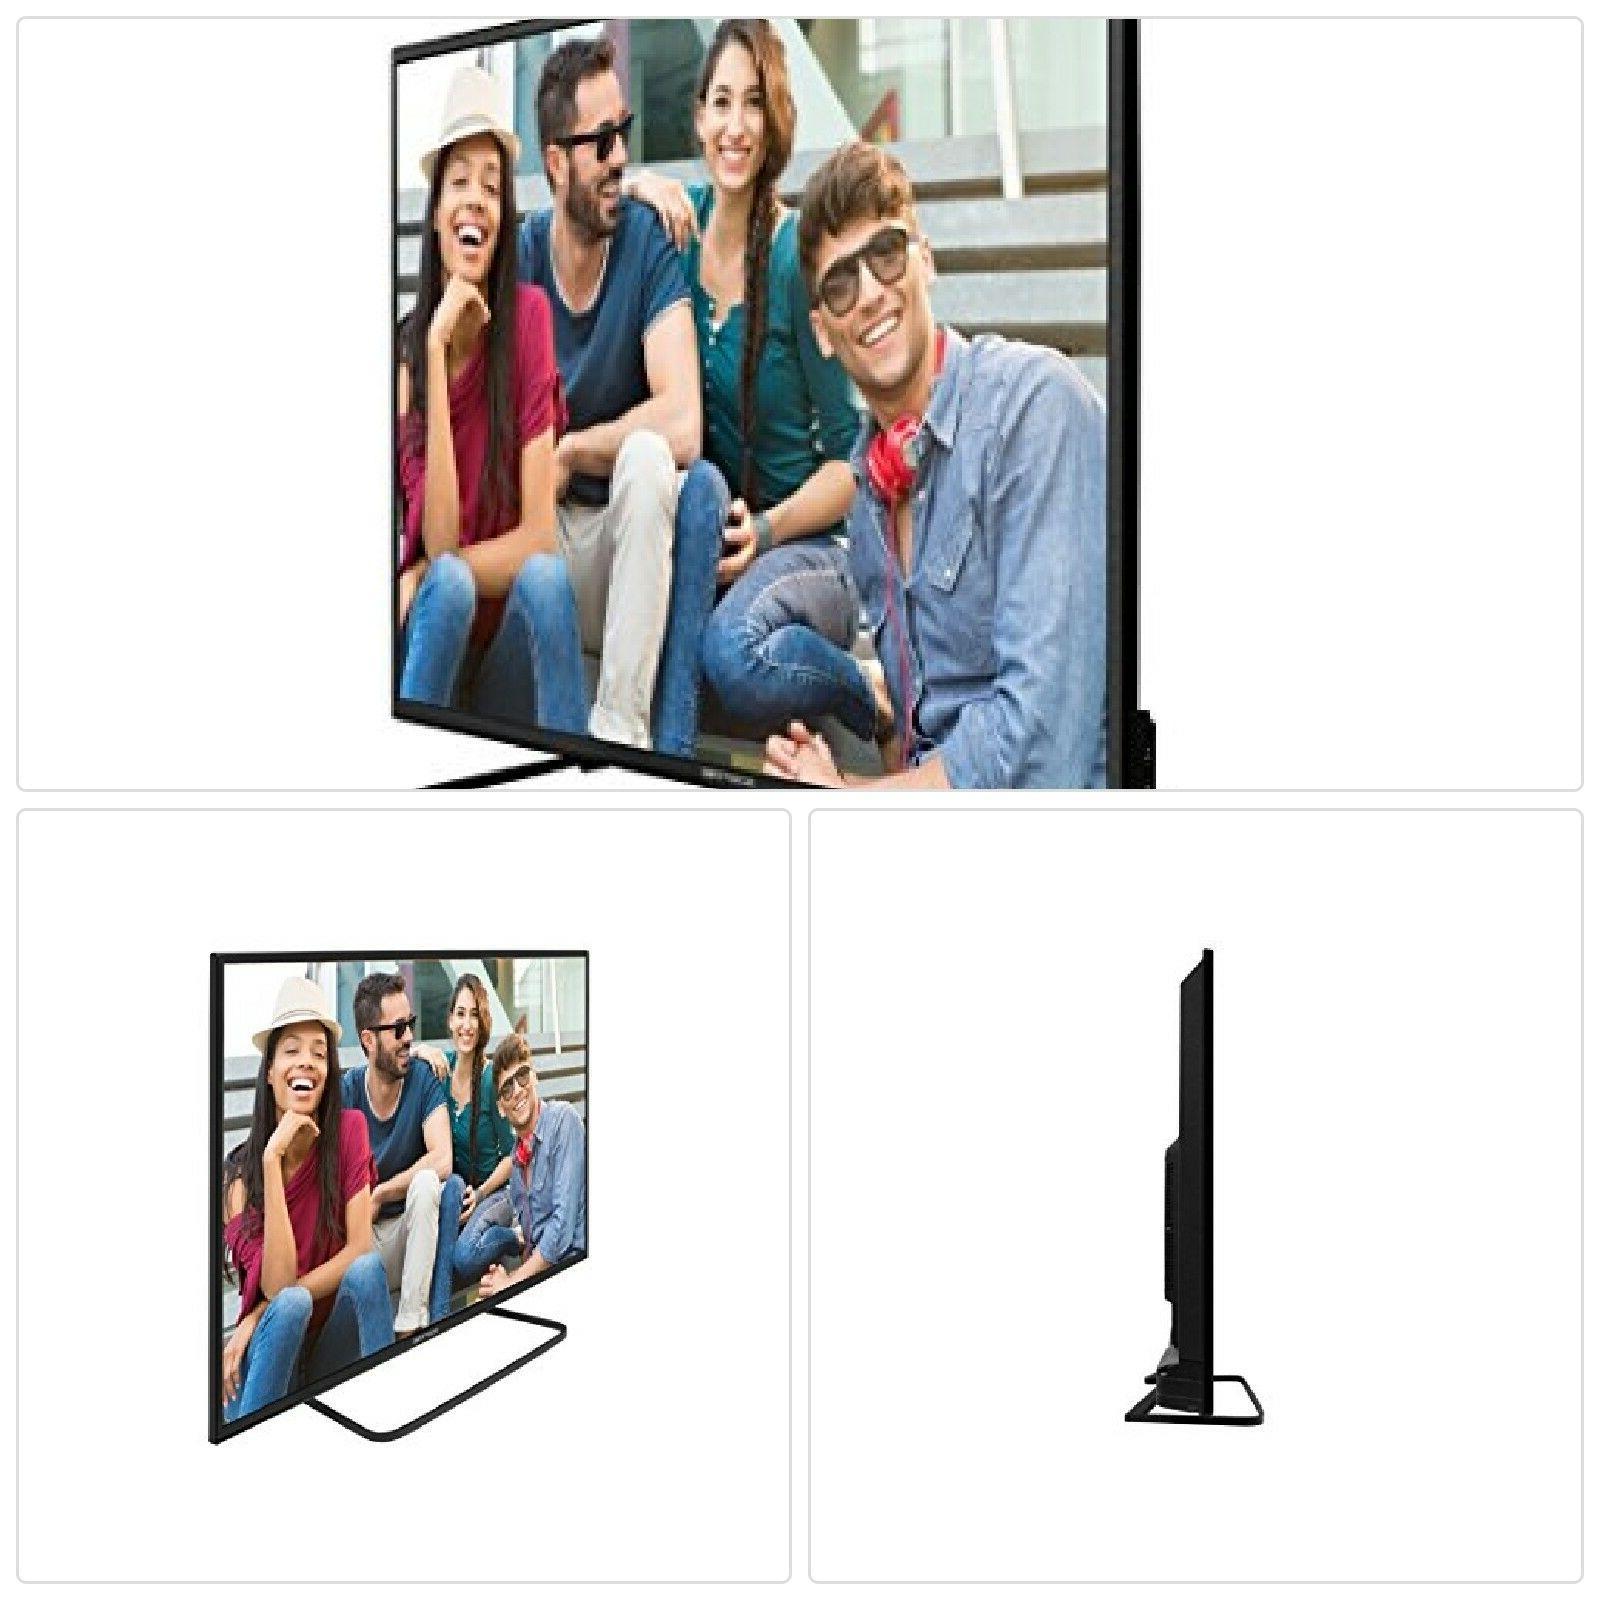 50 inches 1080p led tv e505bv fmqkc